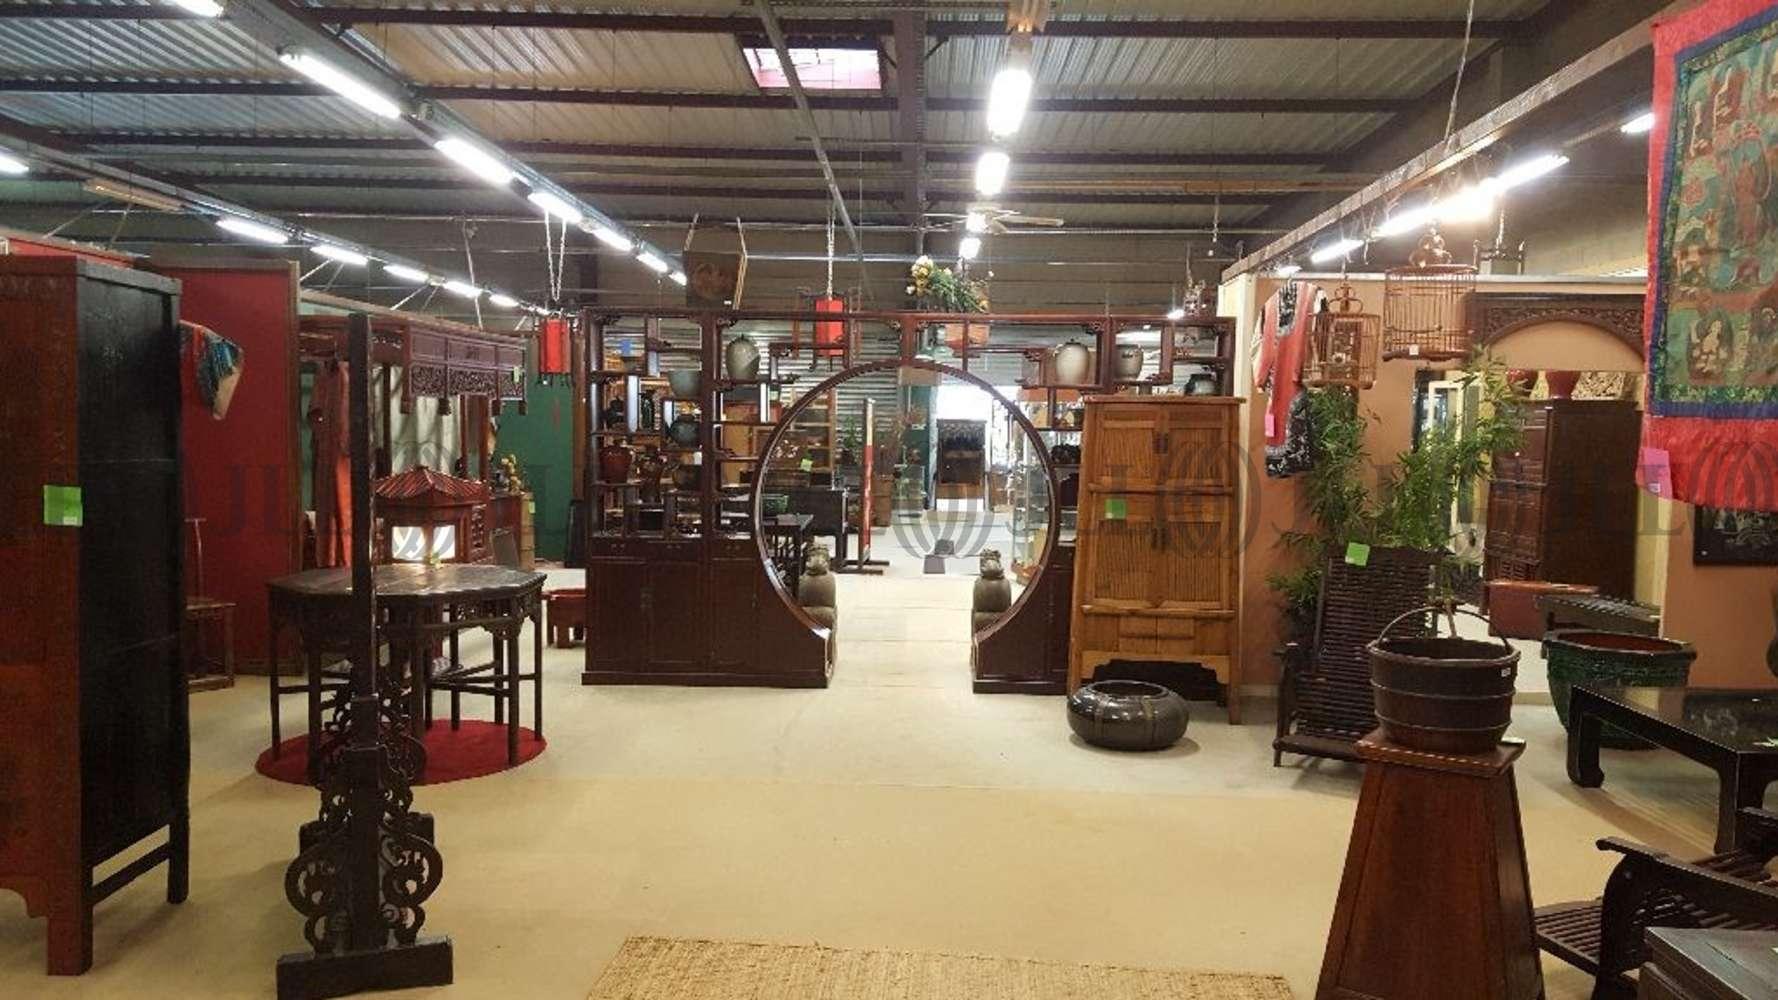 Commerces St germain les corbeil, 91250 - 2 AVENUE DE LA POINTE RINGALE - 9504456